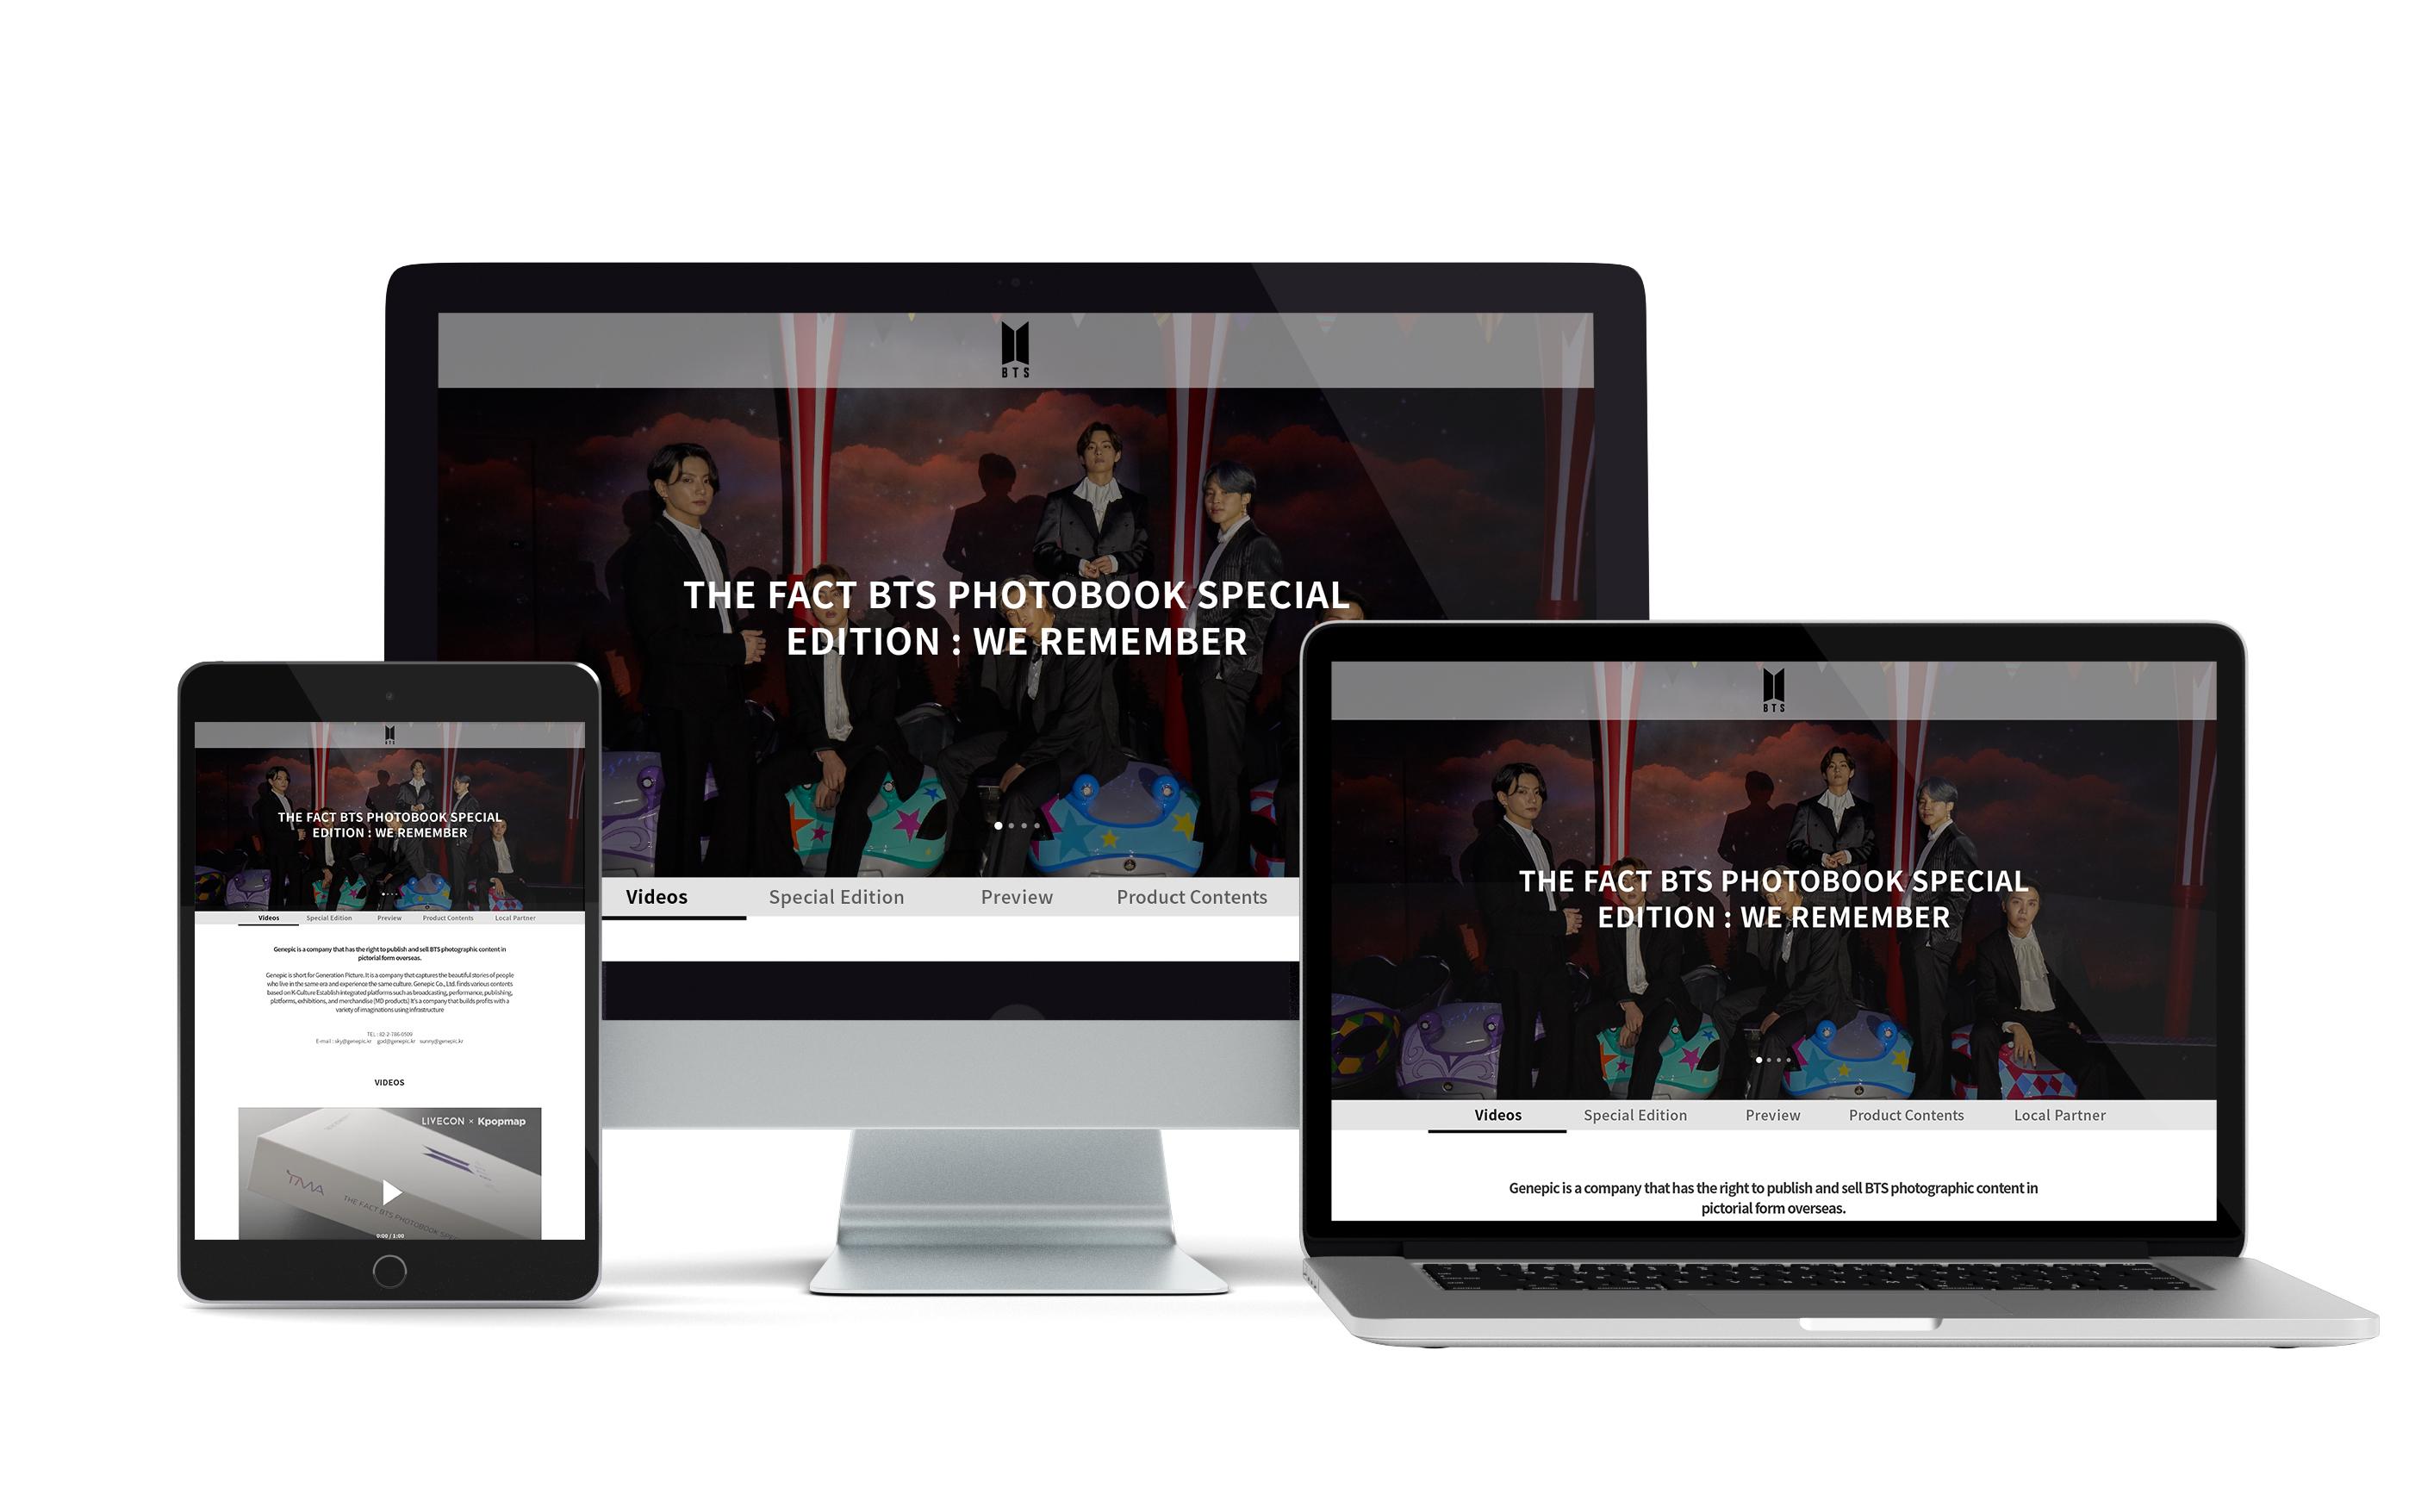 bts homepage mockup